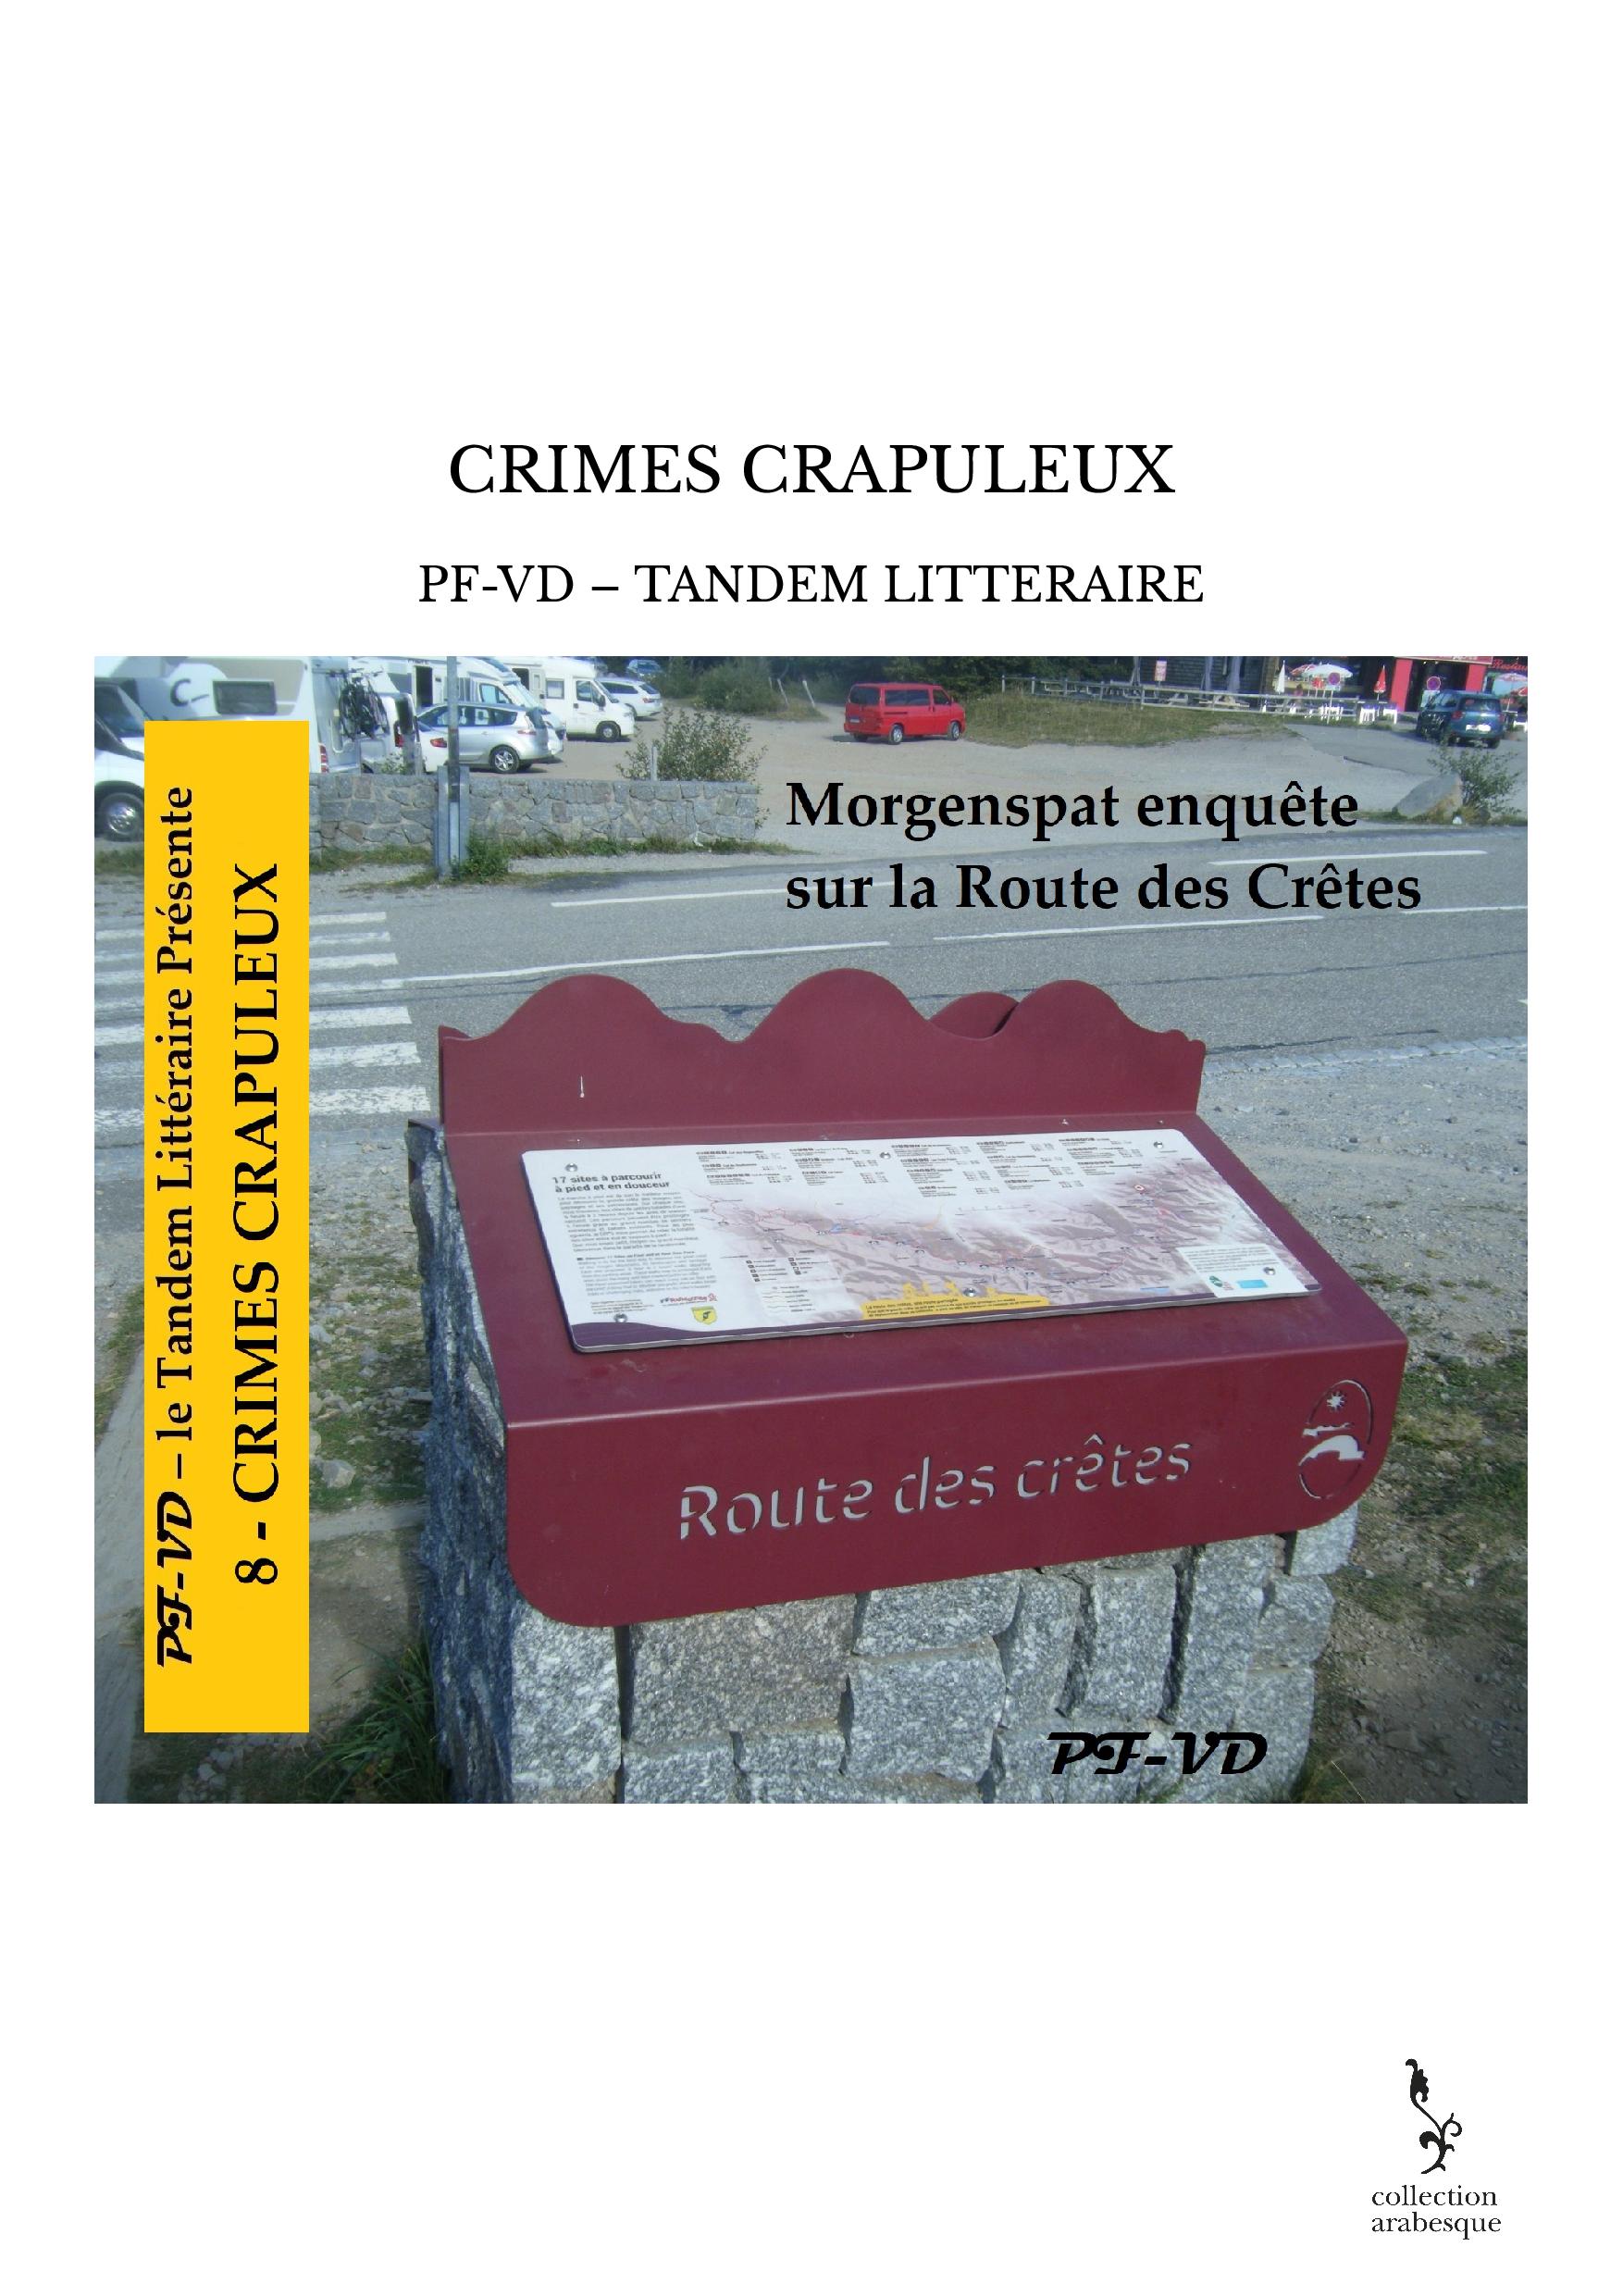 CRIMES CRAPULEUX